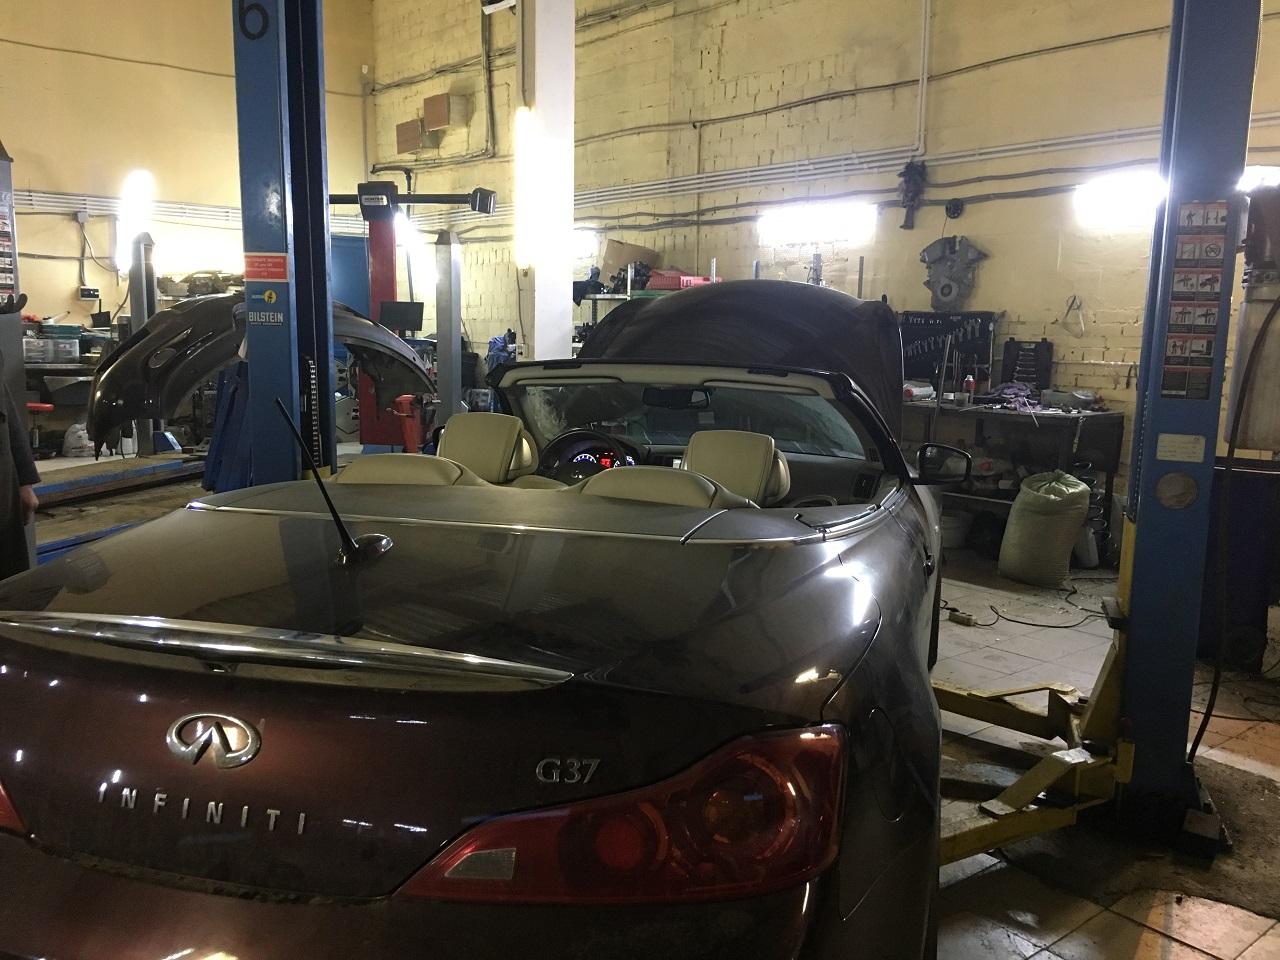 Заказать Infiniti G37 cabrio: последствия ненадлежащего обслуживания двигателя - Фото 1